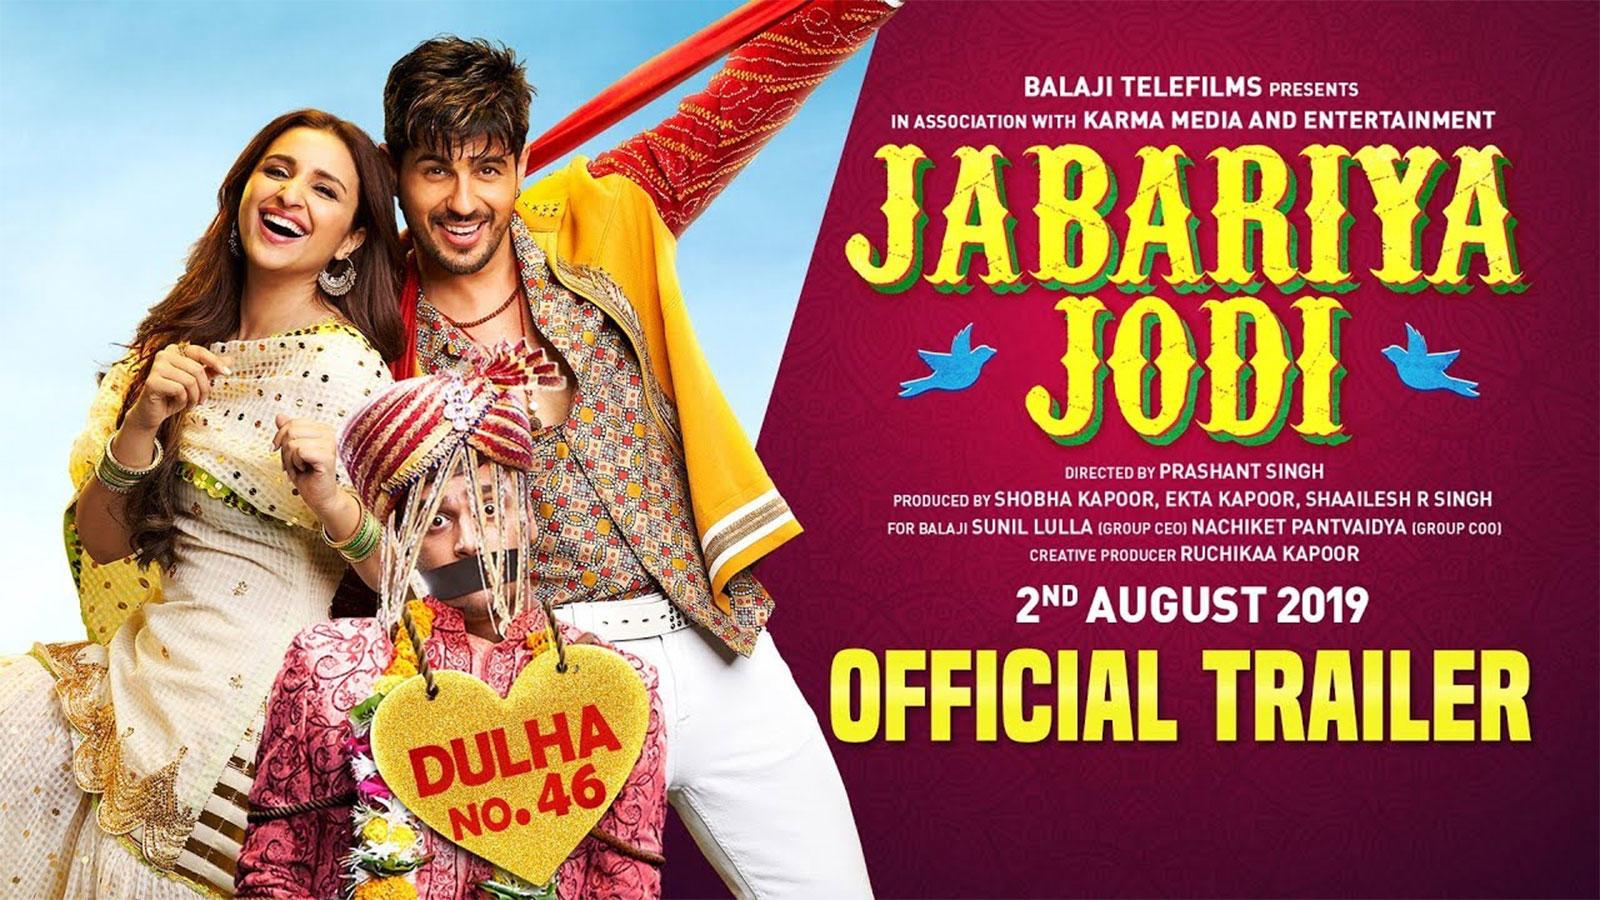 Jabariya Jodi - Official Trailer